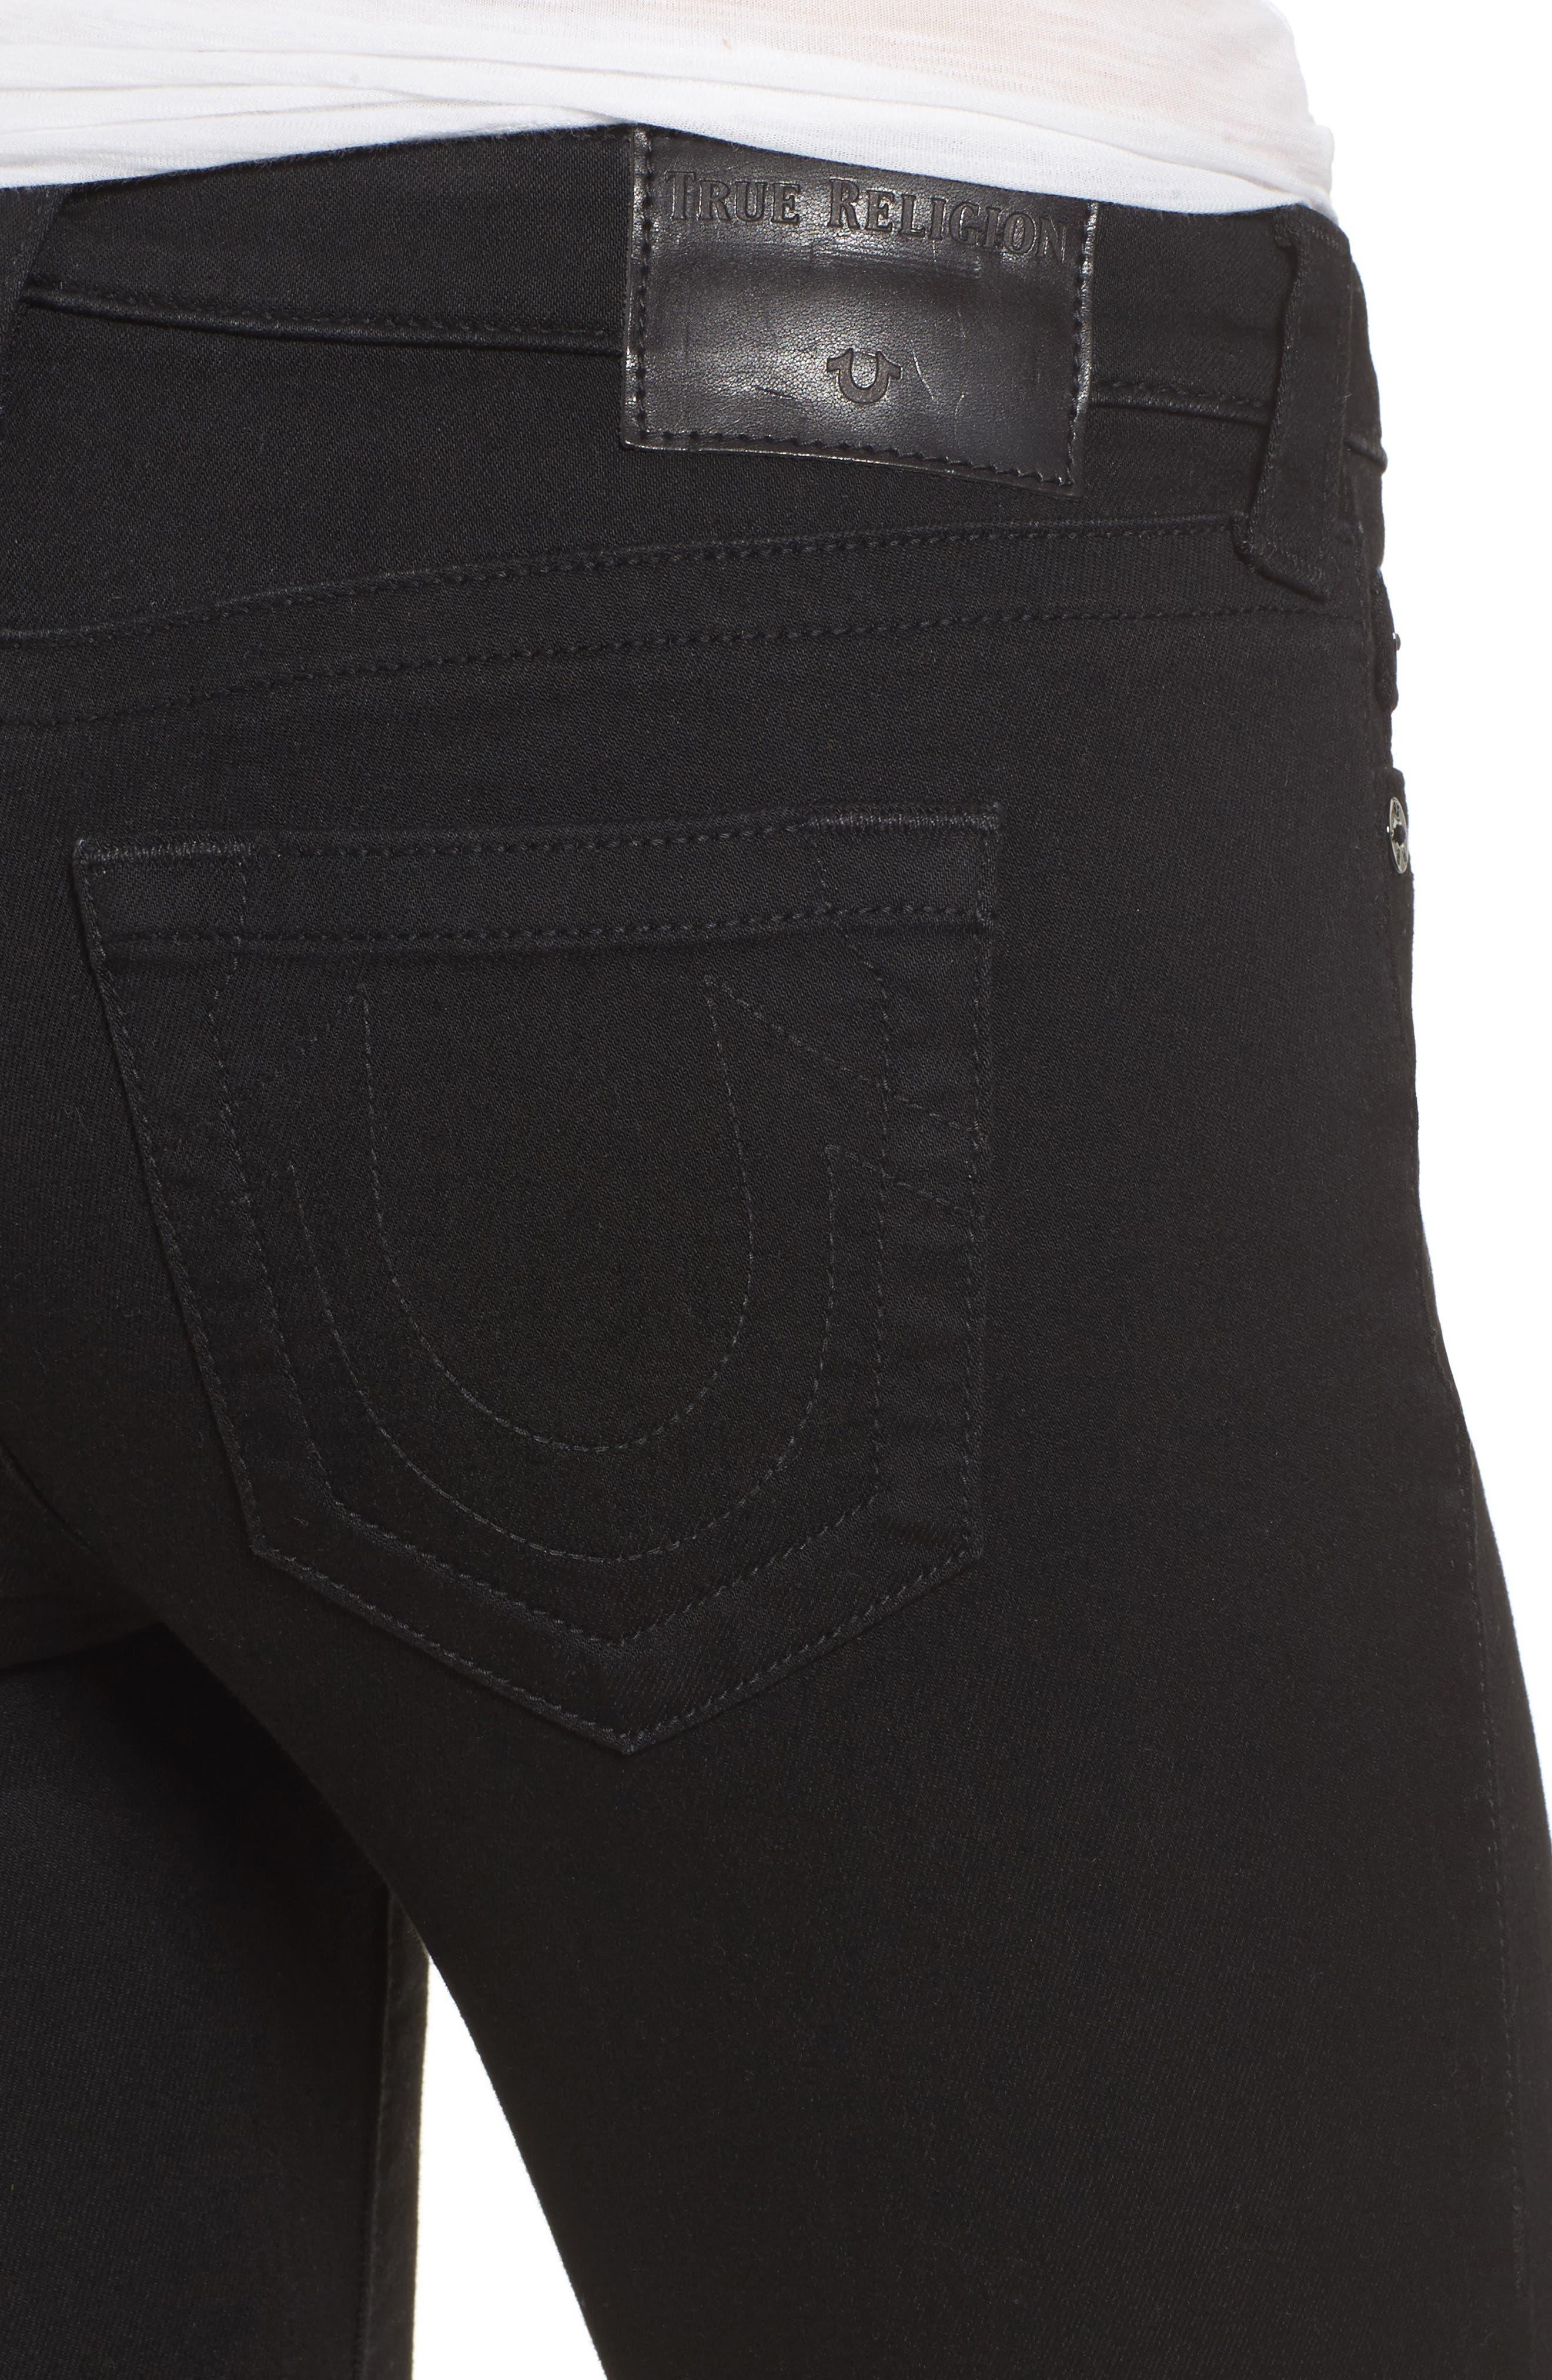 Halle Super Skinny Jeans,                             Alternate thumbnail 4, color,                             Way Back Black